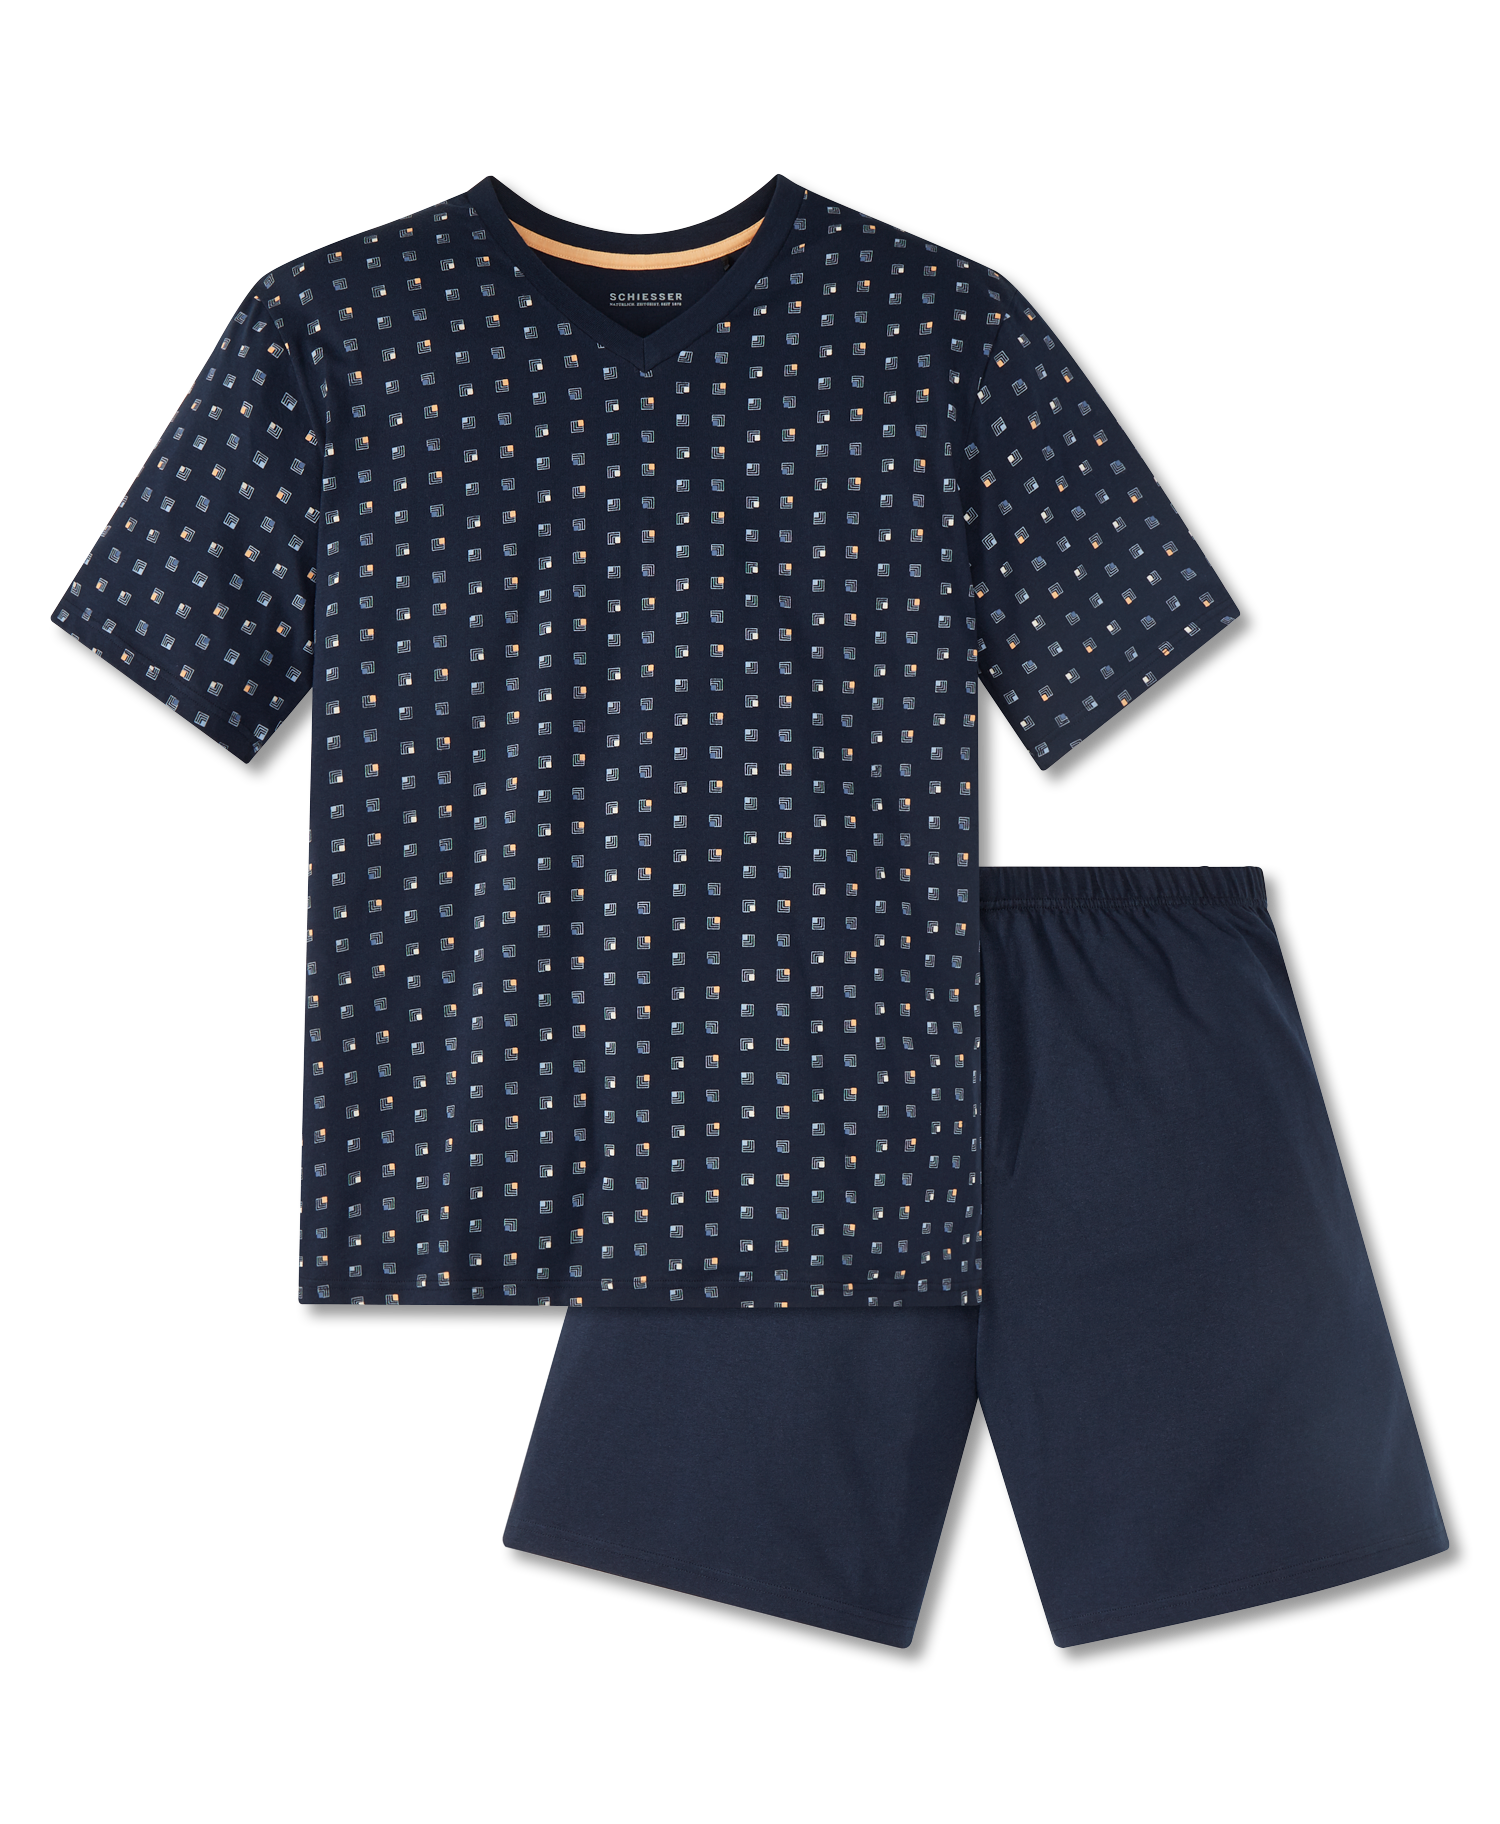 5951e2cd978 Schiesser heren pyjama kort 166788 blauw | Bedshop.nl